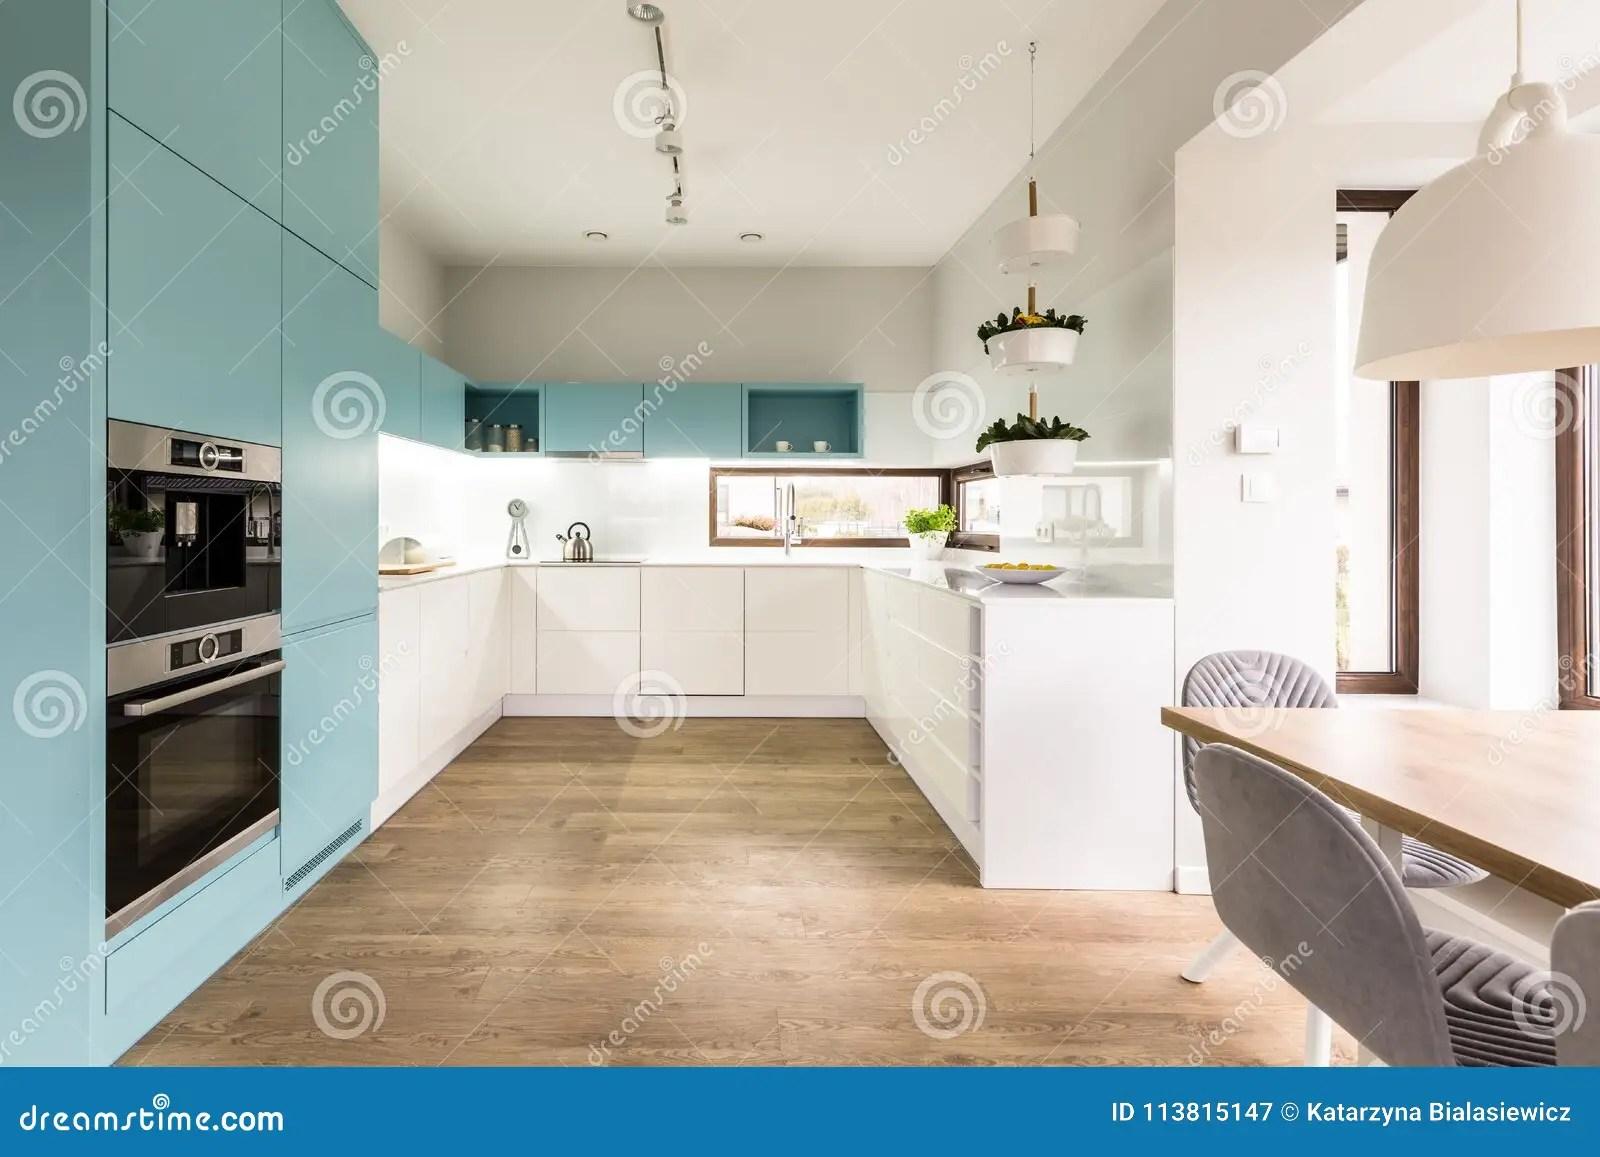 Interieur Bleu Et Blanc De Cuisine Image Stock Image Du Bleu Blanc 113815147